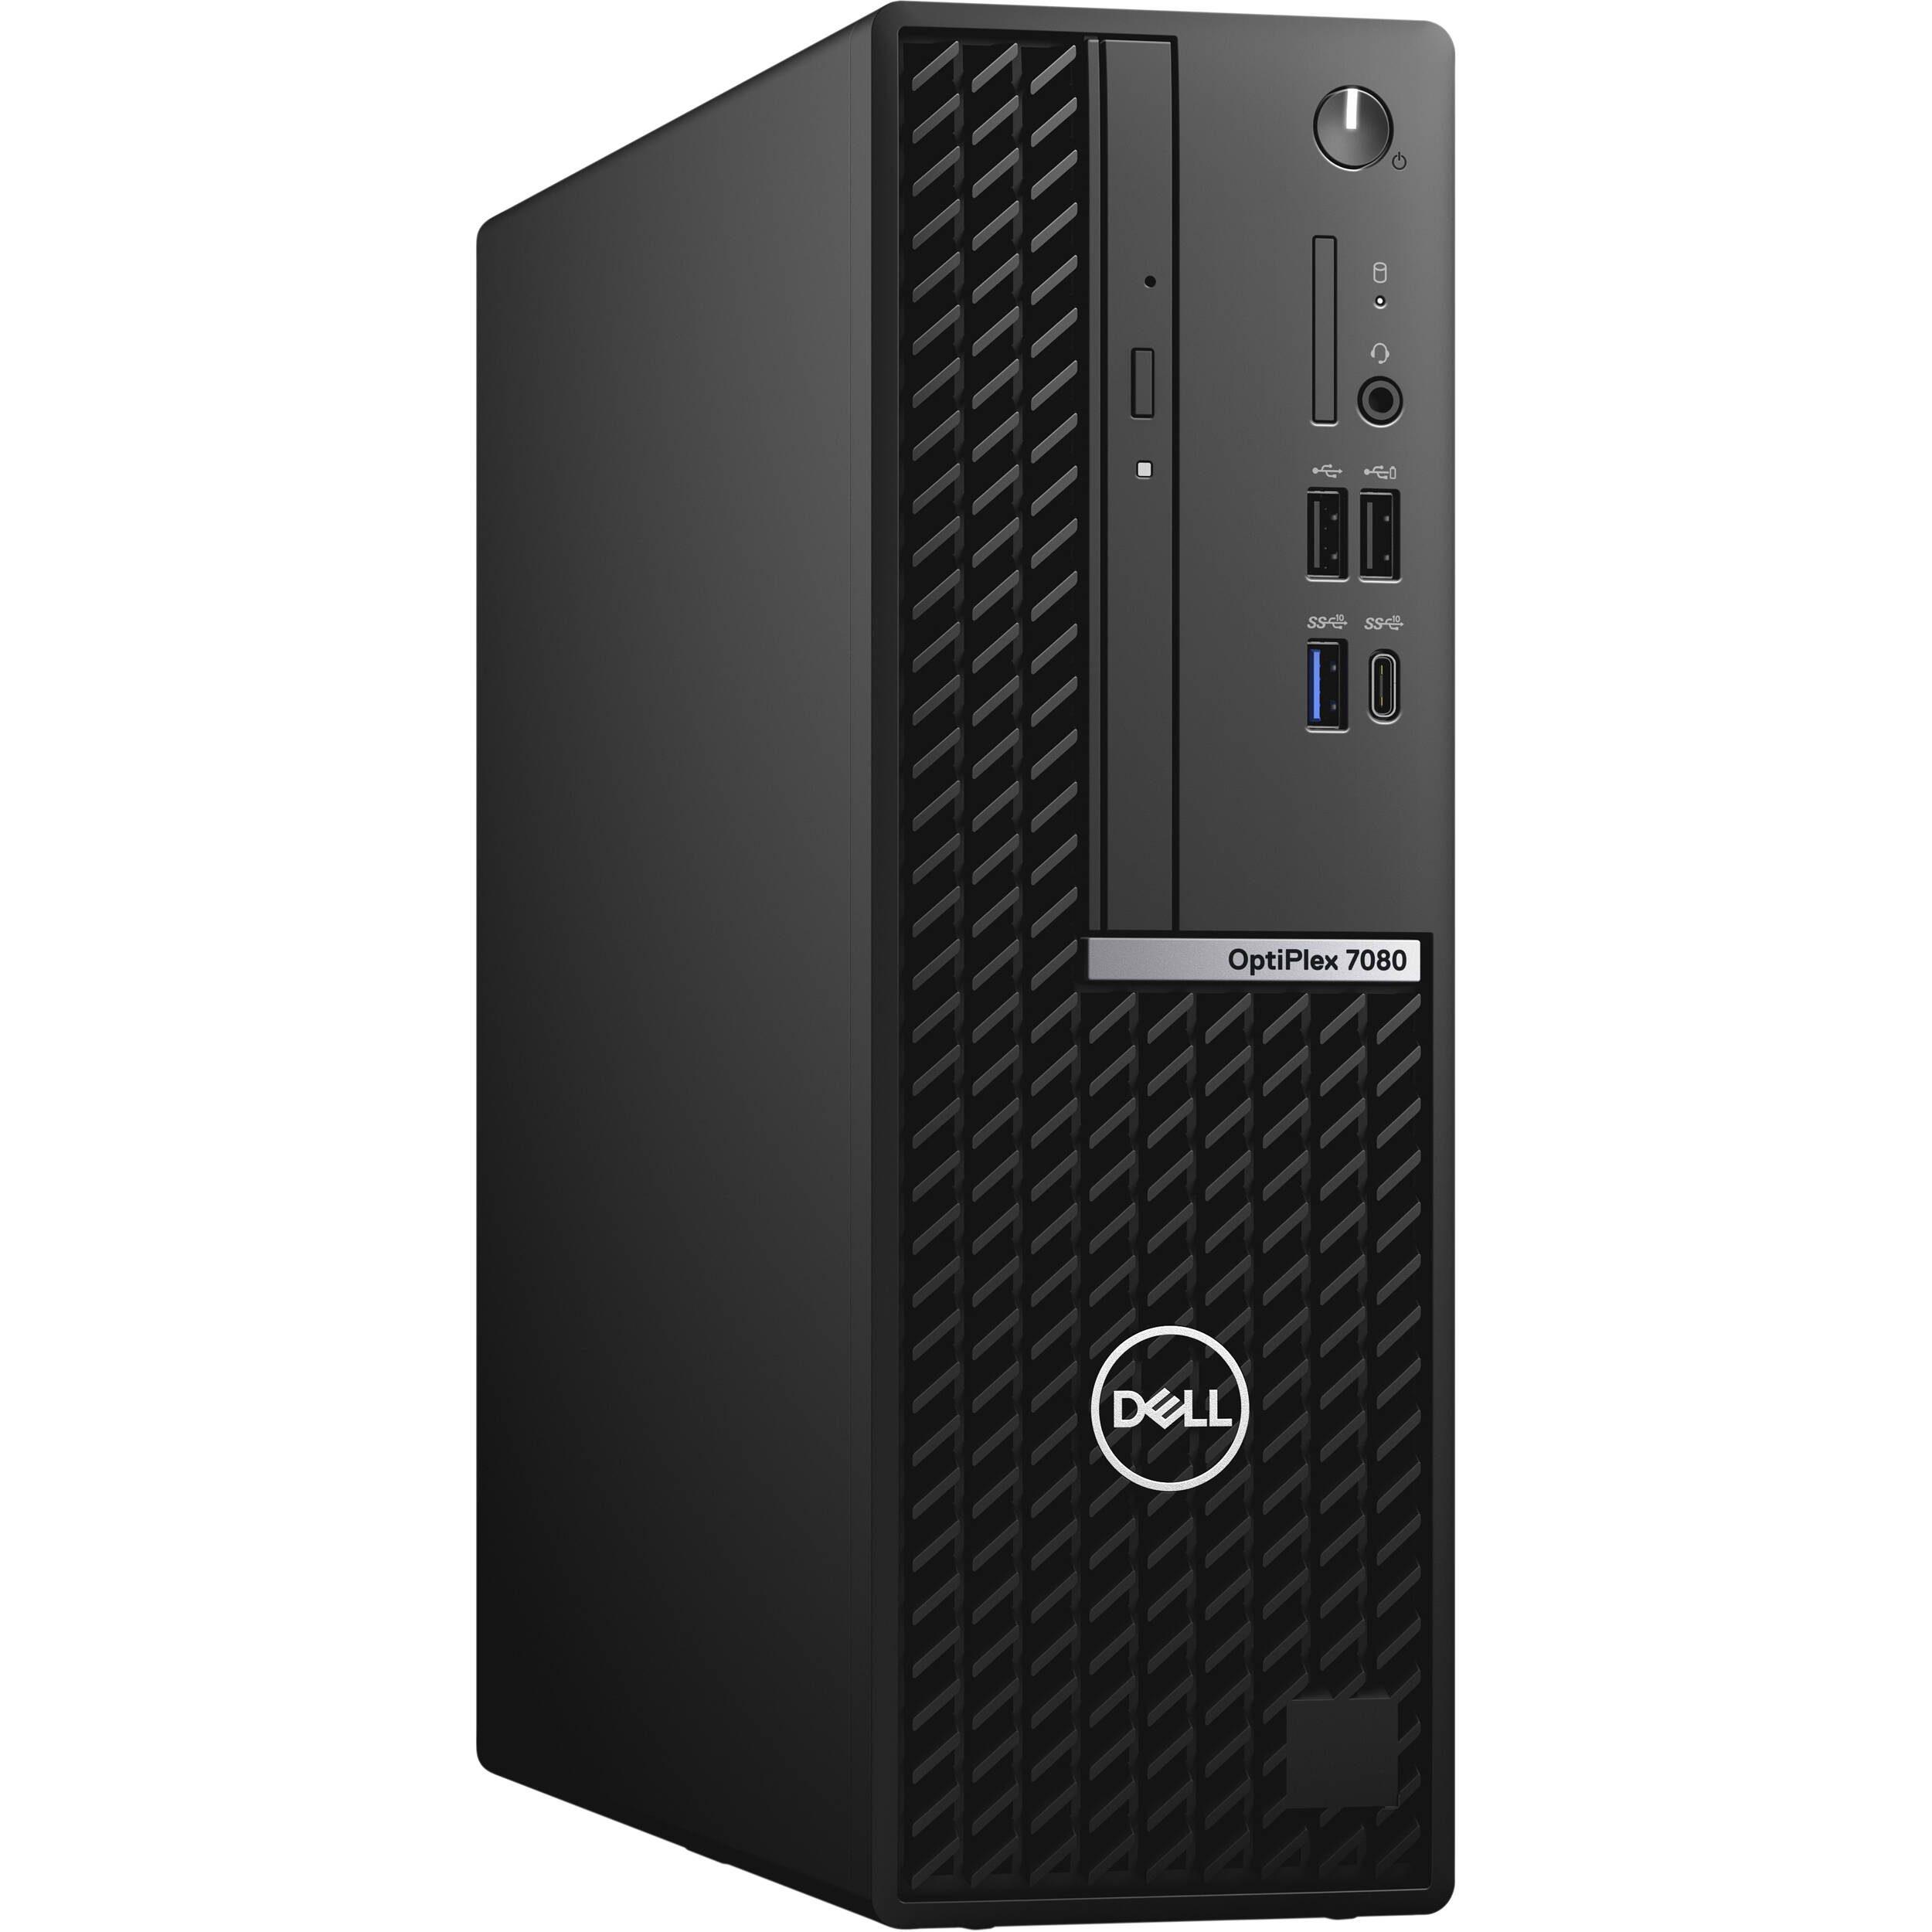 Dell Optiplex 7080 sff